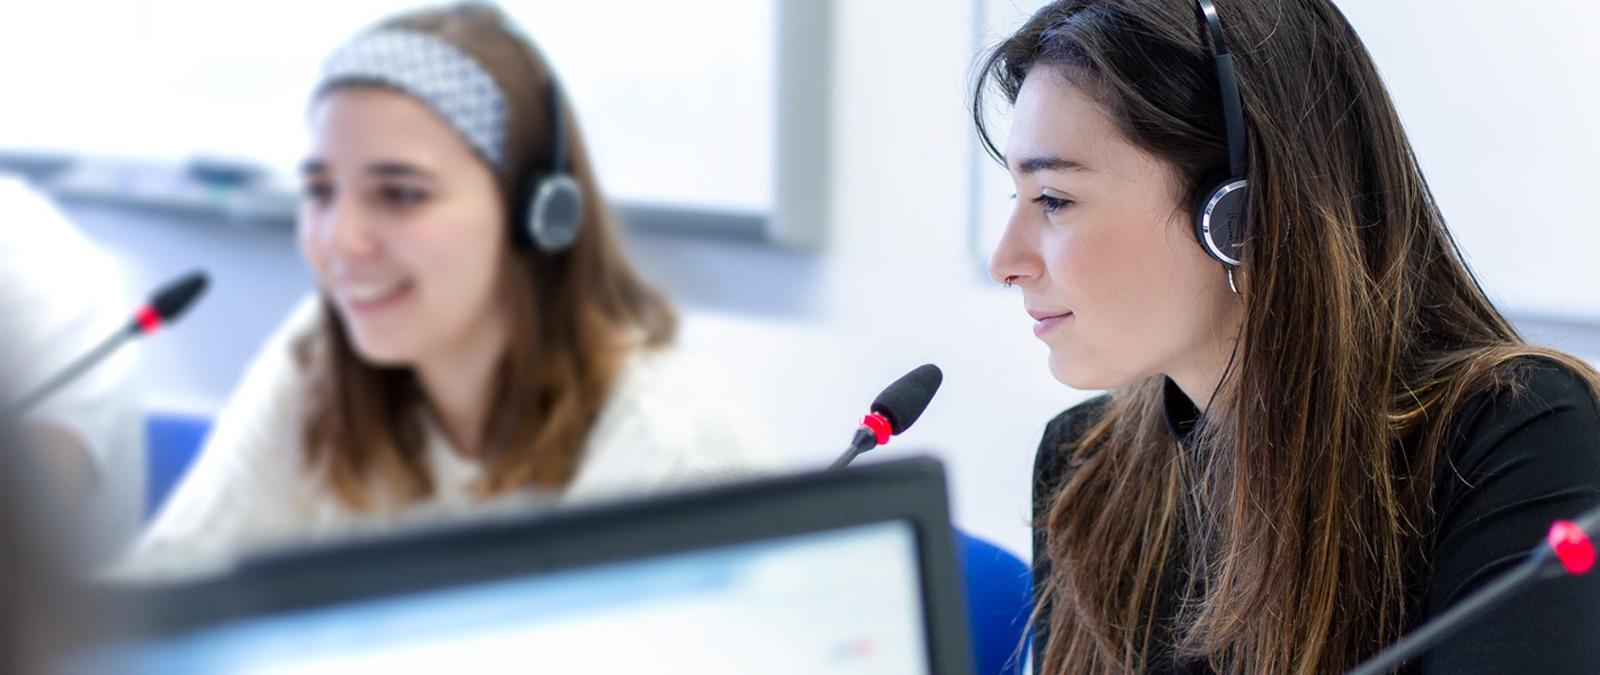 Iulm Calendario Didattico 2021 Interpretariato e comunicazione